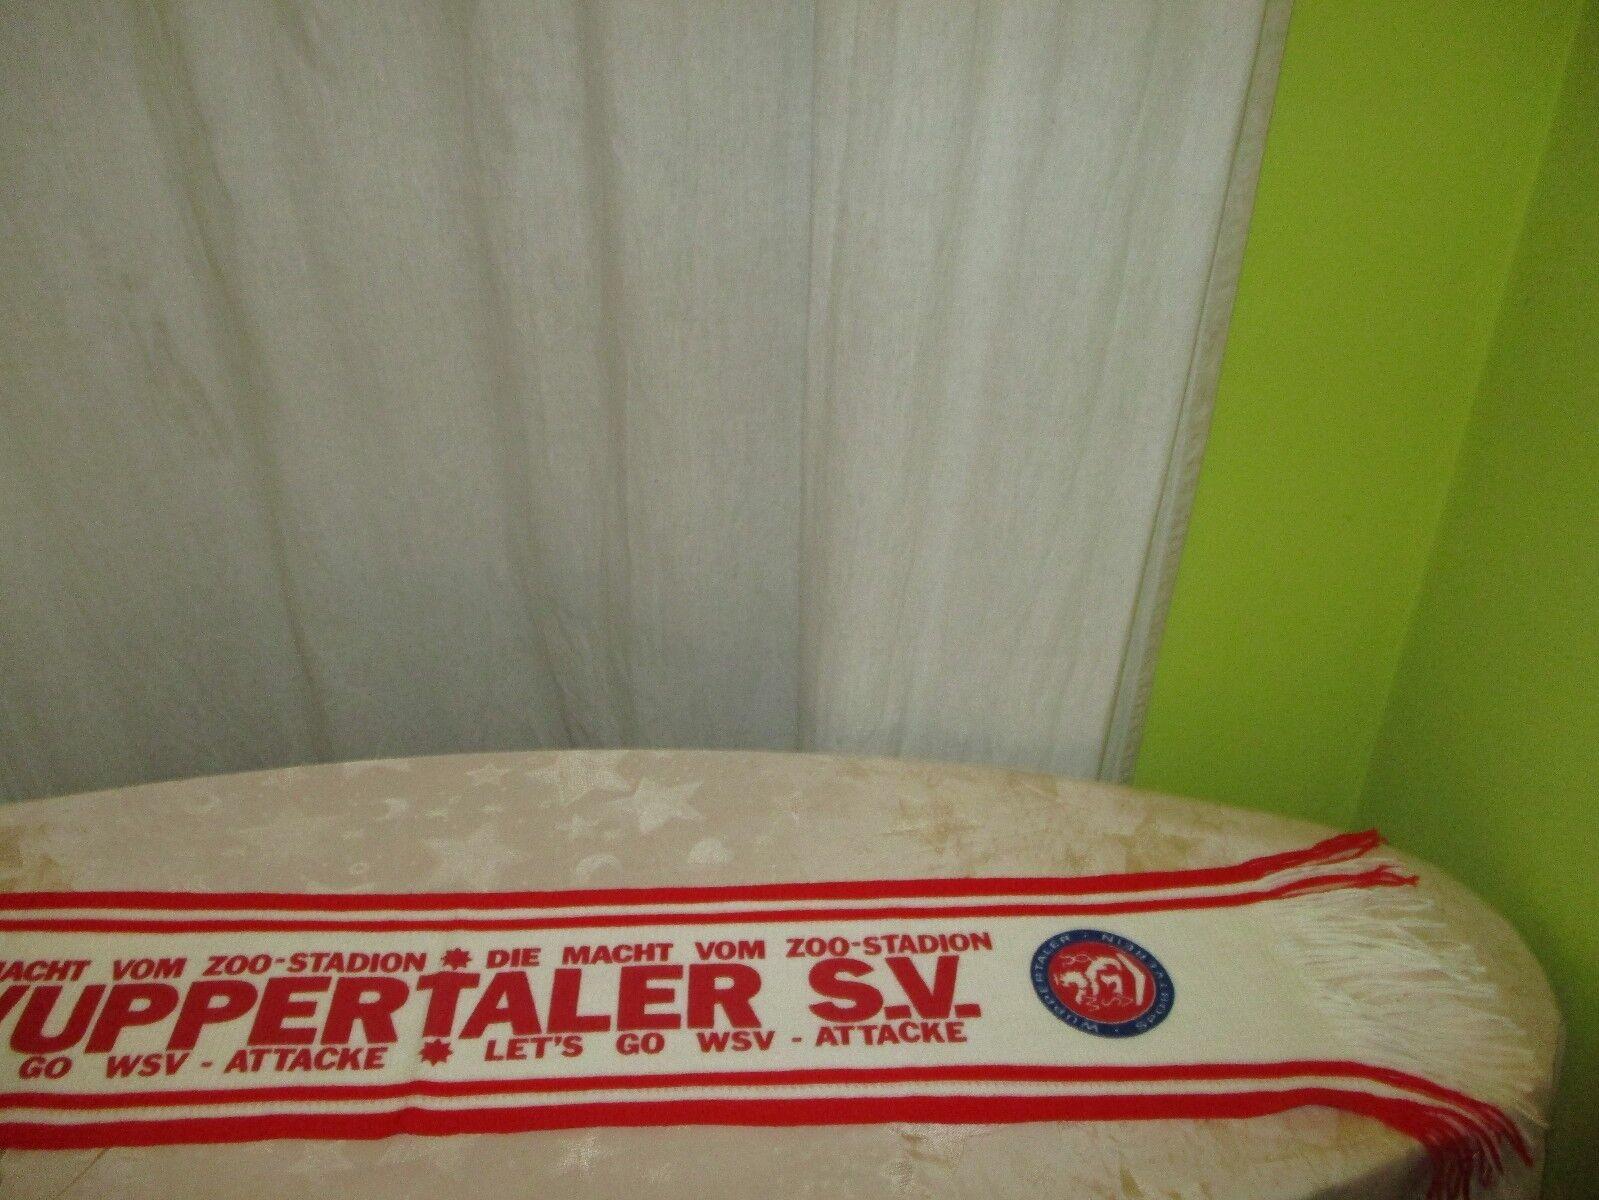 Wuppertaler S.V. Schal 80iger Jahre